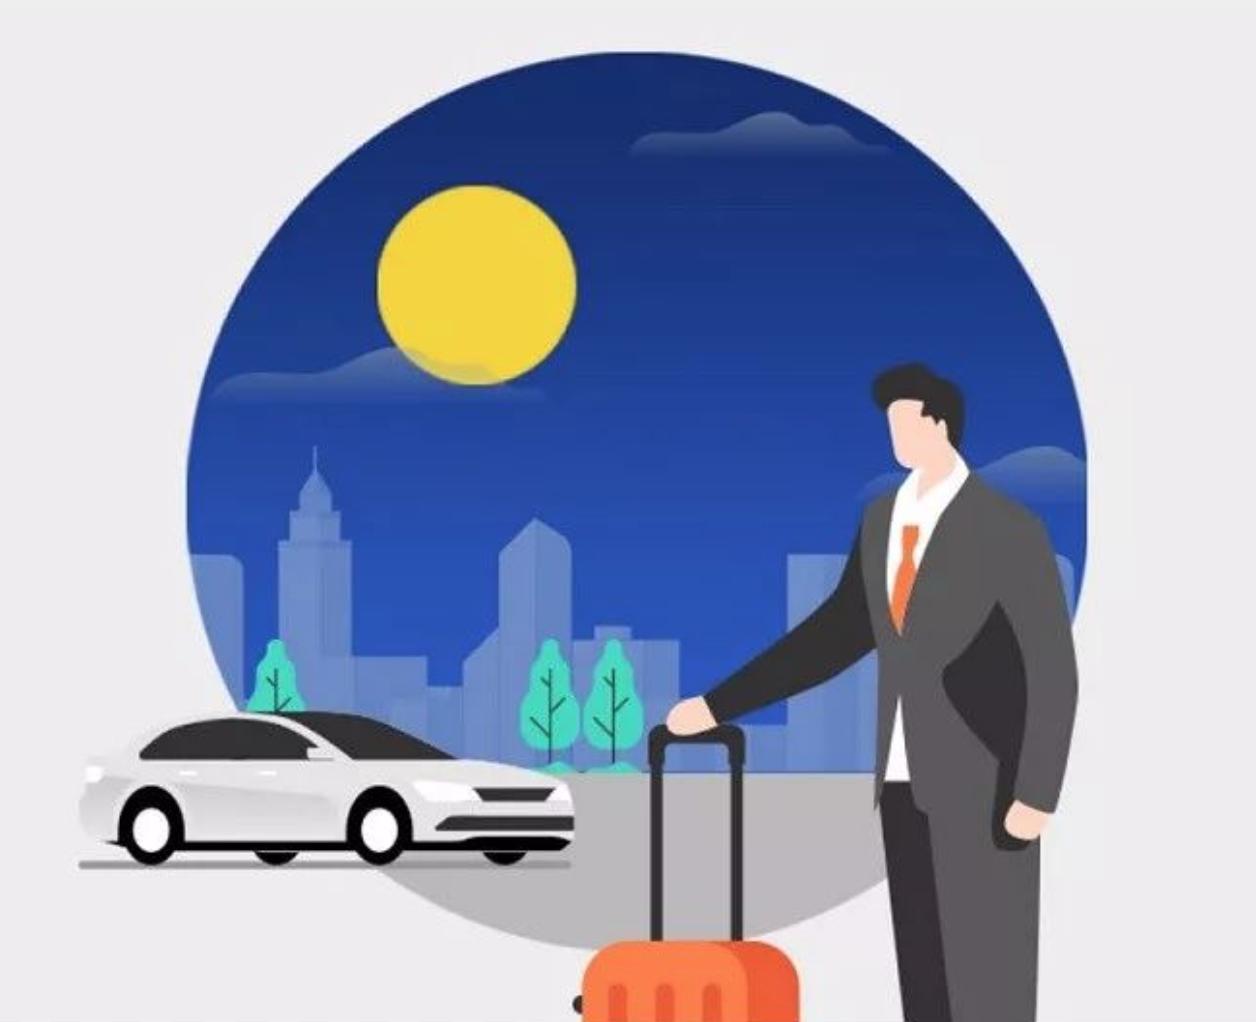 滴滴将投入2300万司机补贴,增加中秋期间车辆供给